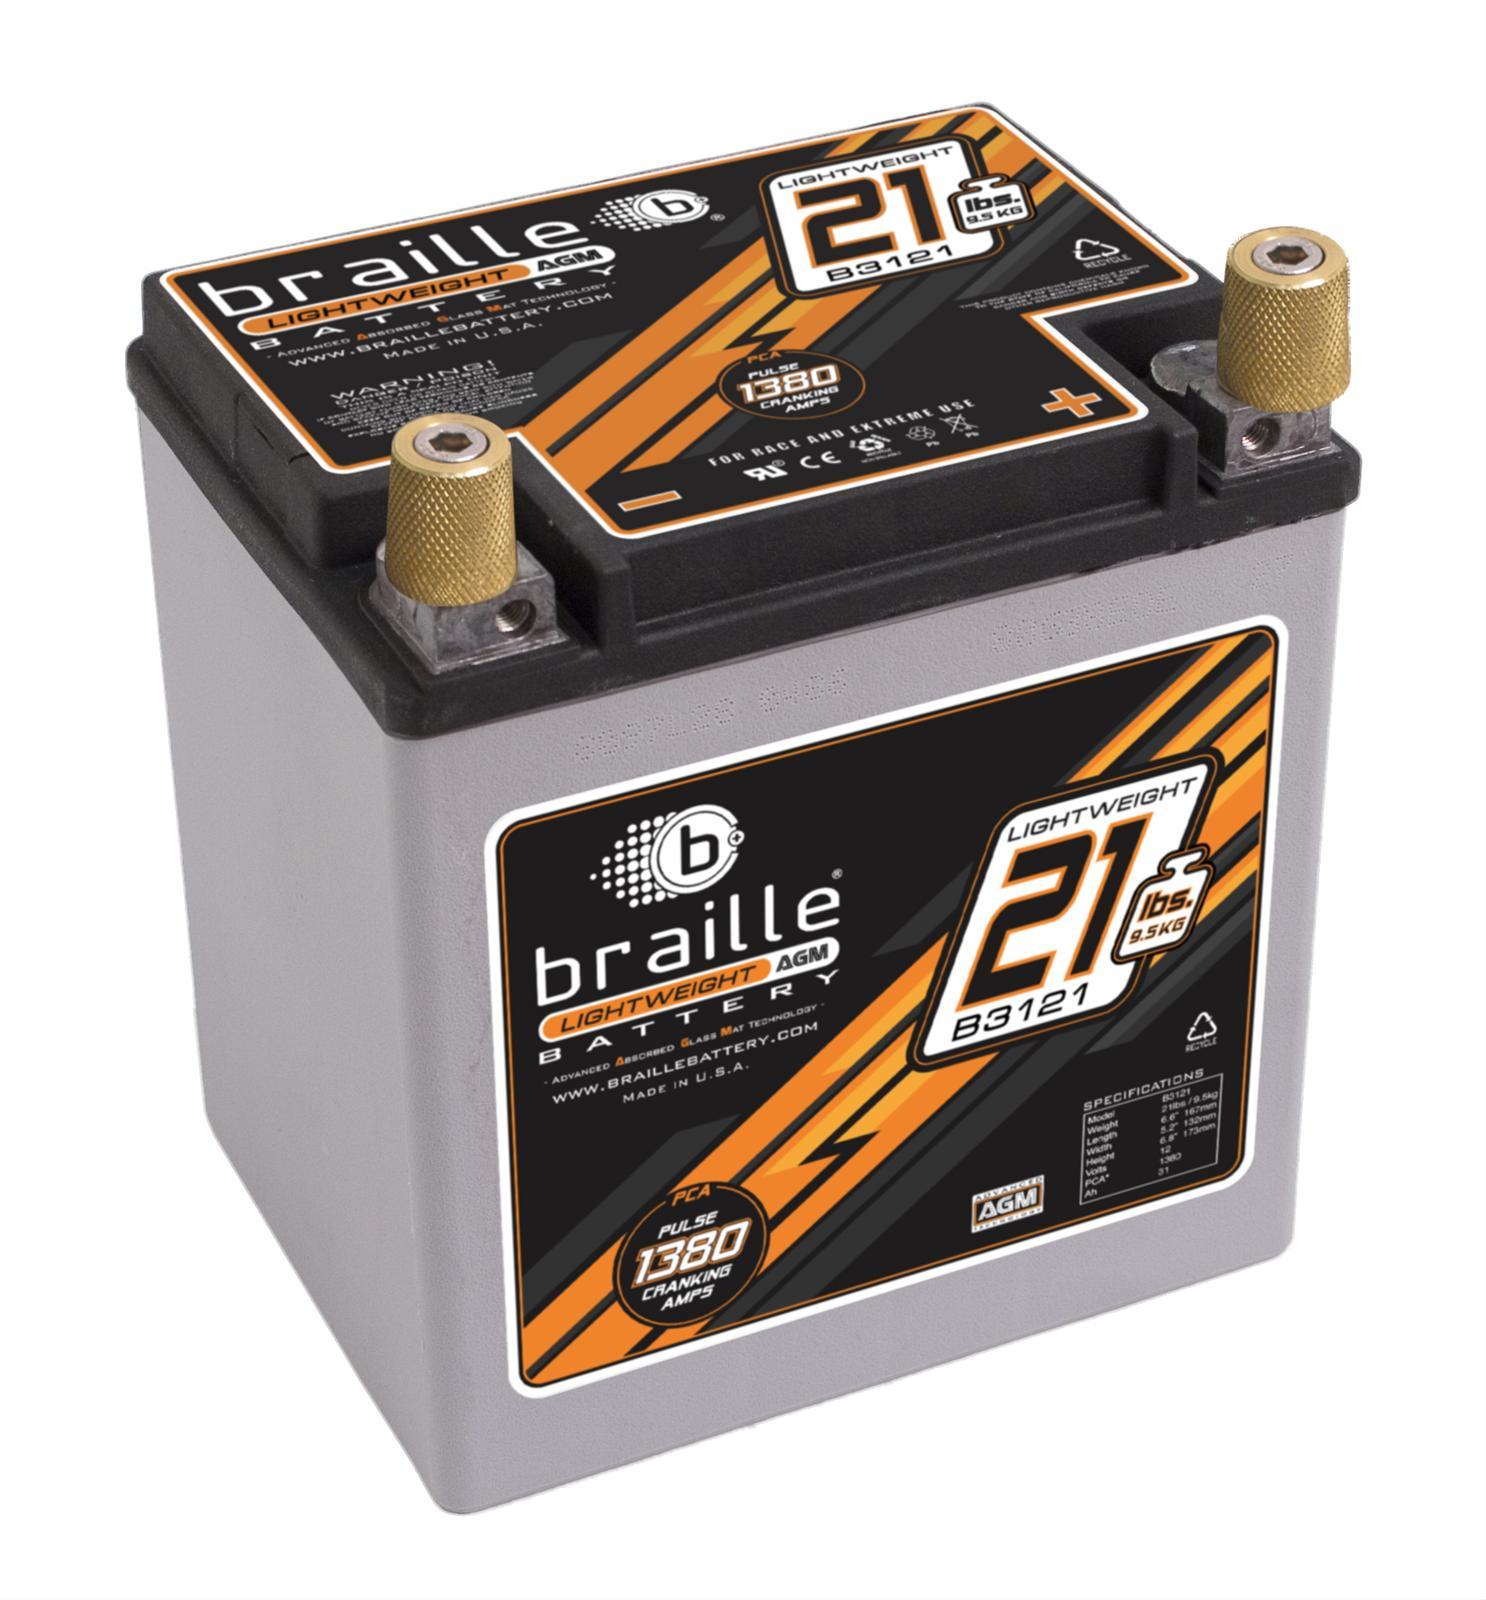 Amps Volt 12 Cold 500 Cranking